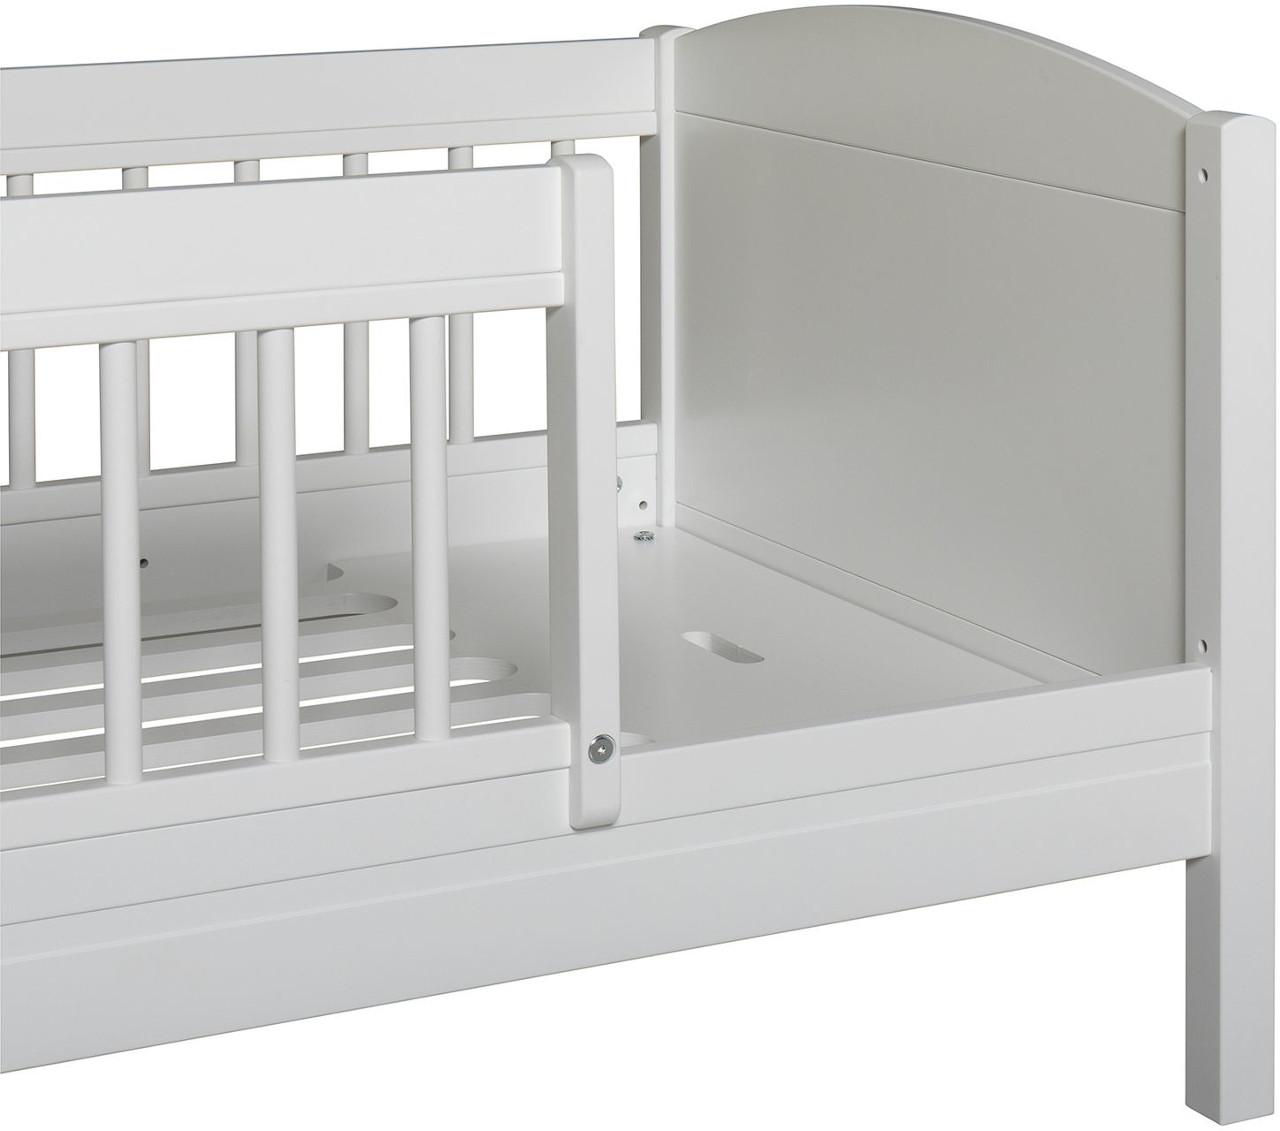 Seaside Lille+ Juniorbett von Oliver Furniture in Berlin kaufen - Kleine Fabriek